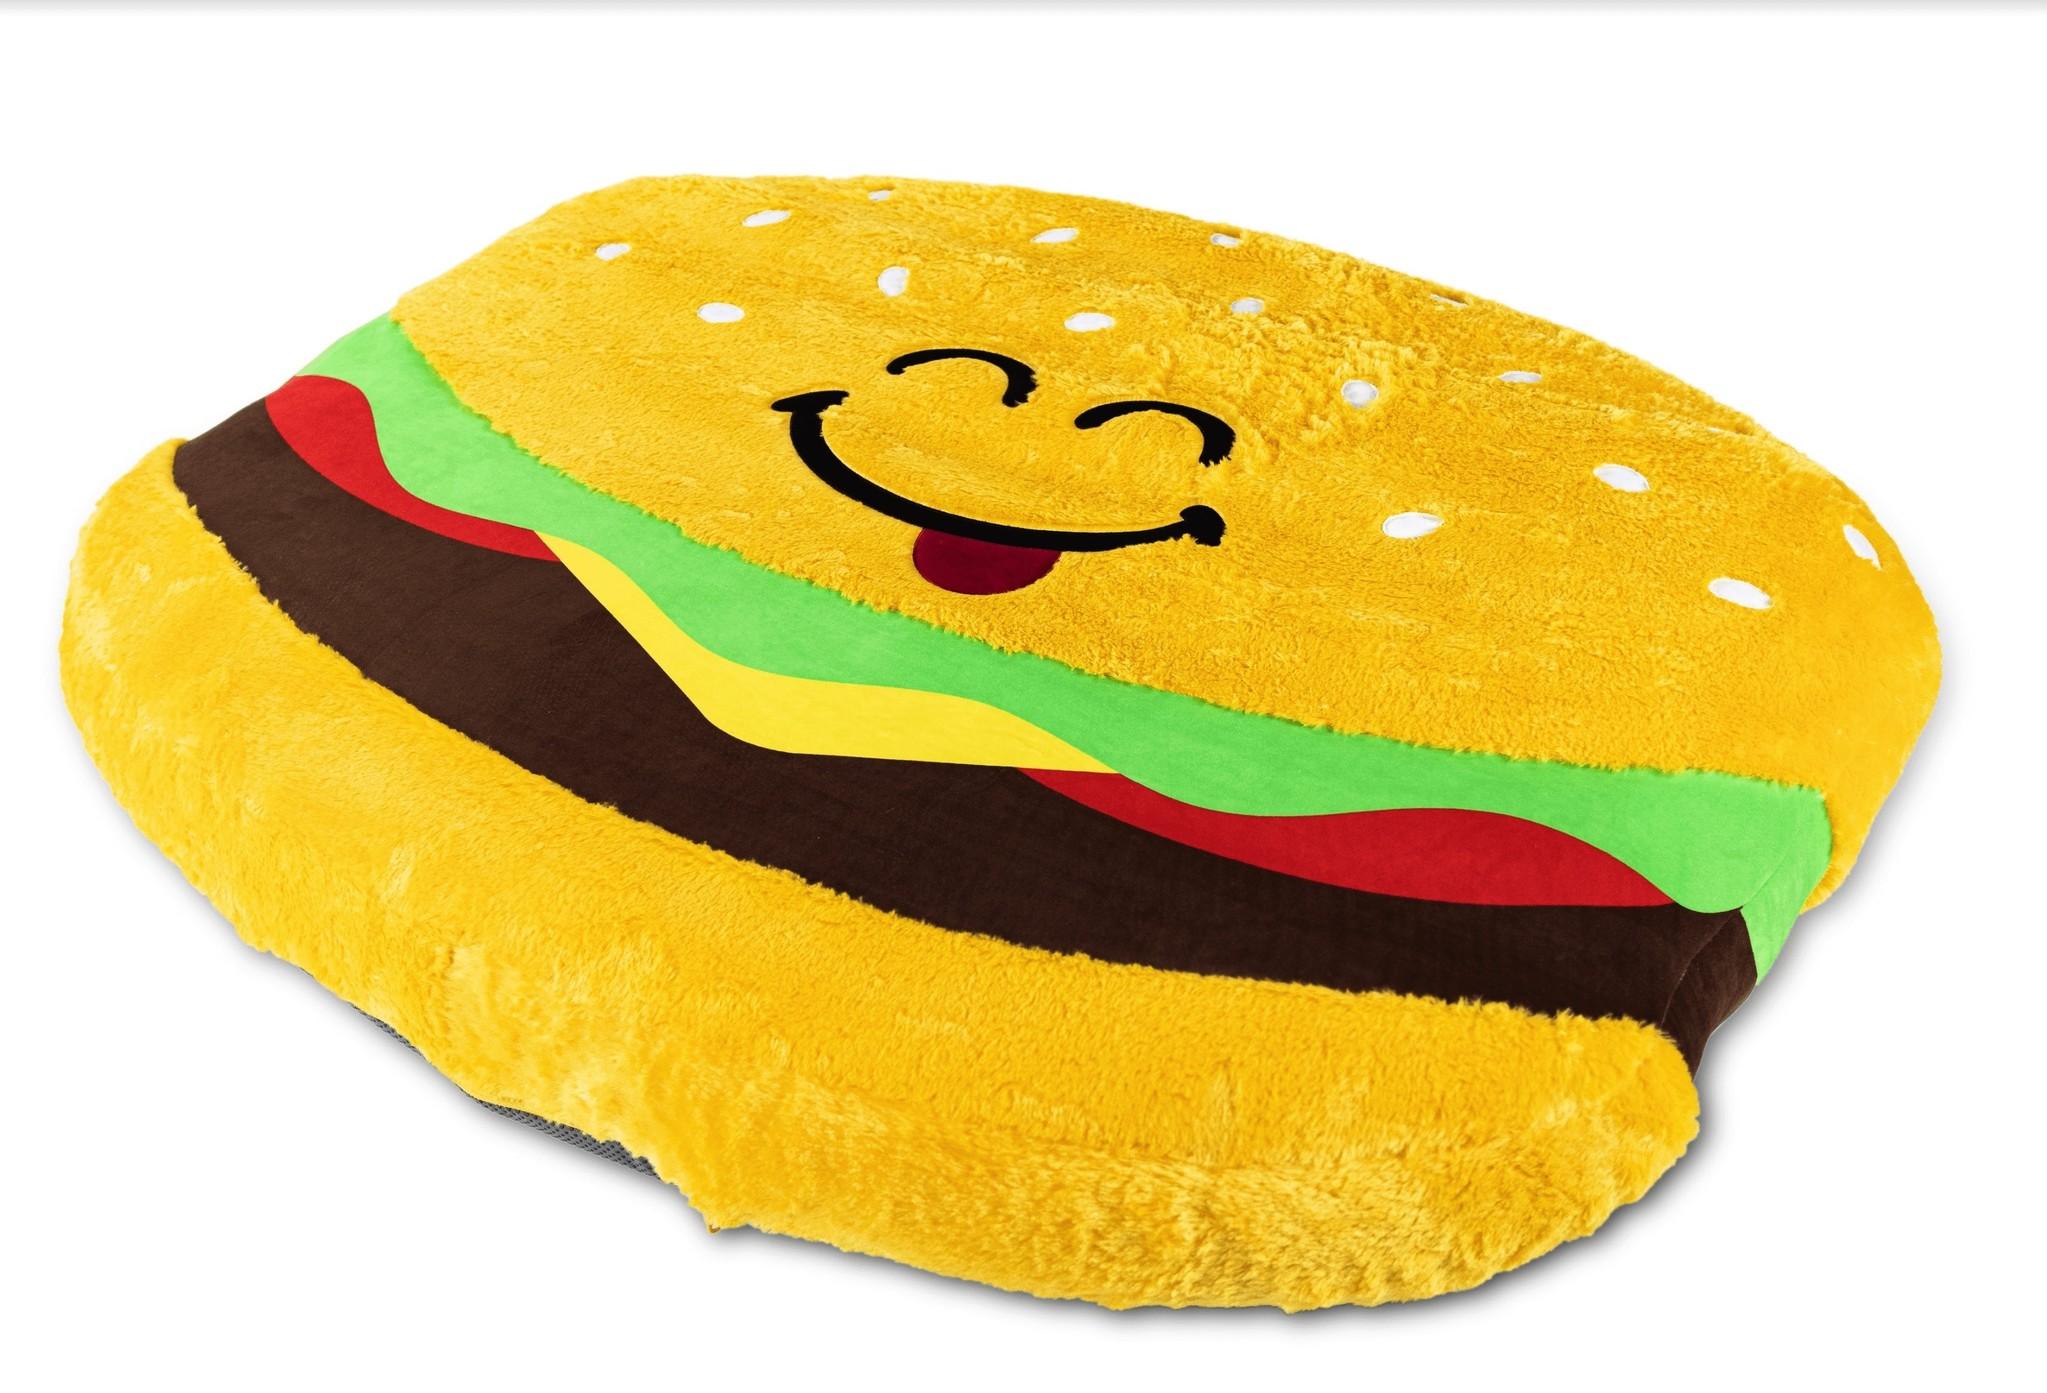 Hamburger Inflatable Floor Floatie-1